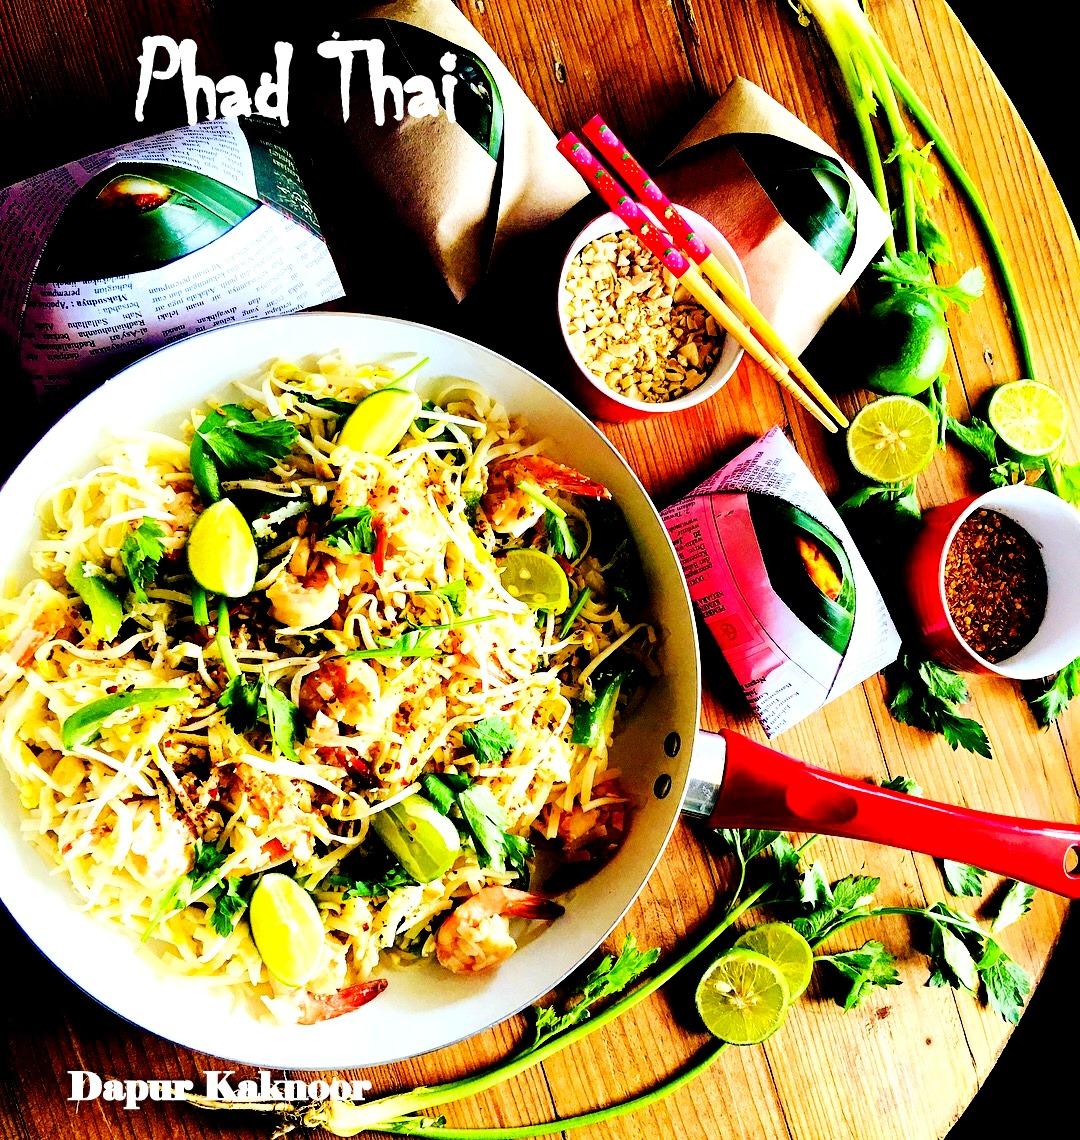 First Time Jugak Kaknoor Buat Phad Thai Ni Selalu Makan Kat Restaurant Je Kadang Bila Ada Permintaan Anak Kita Jadi Semangat Tu Berkobar Nak